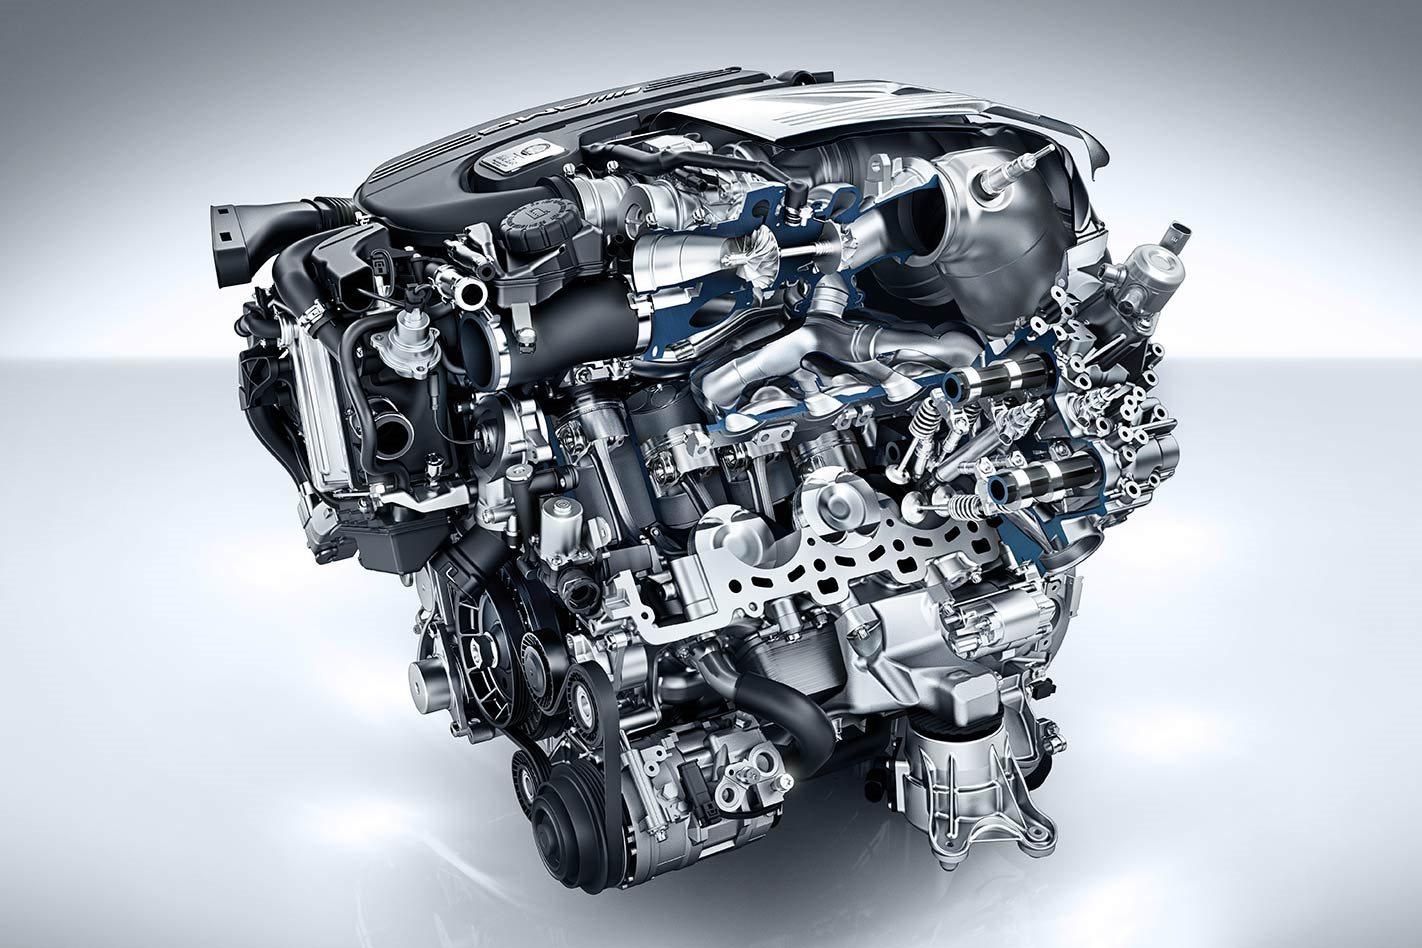 Mercedes-Benz M177 / M178 engine